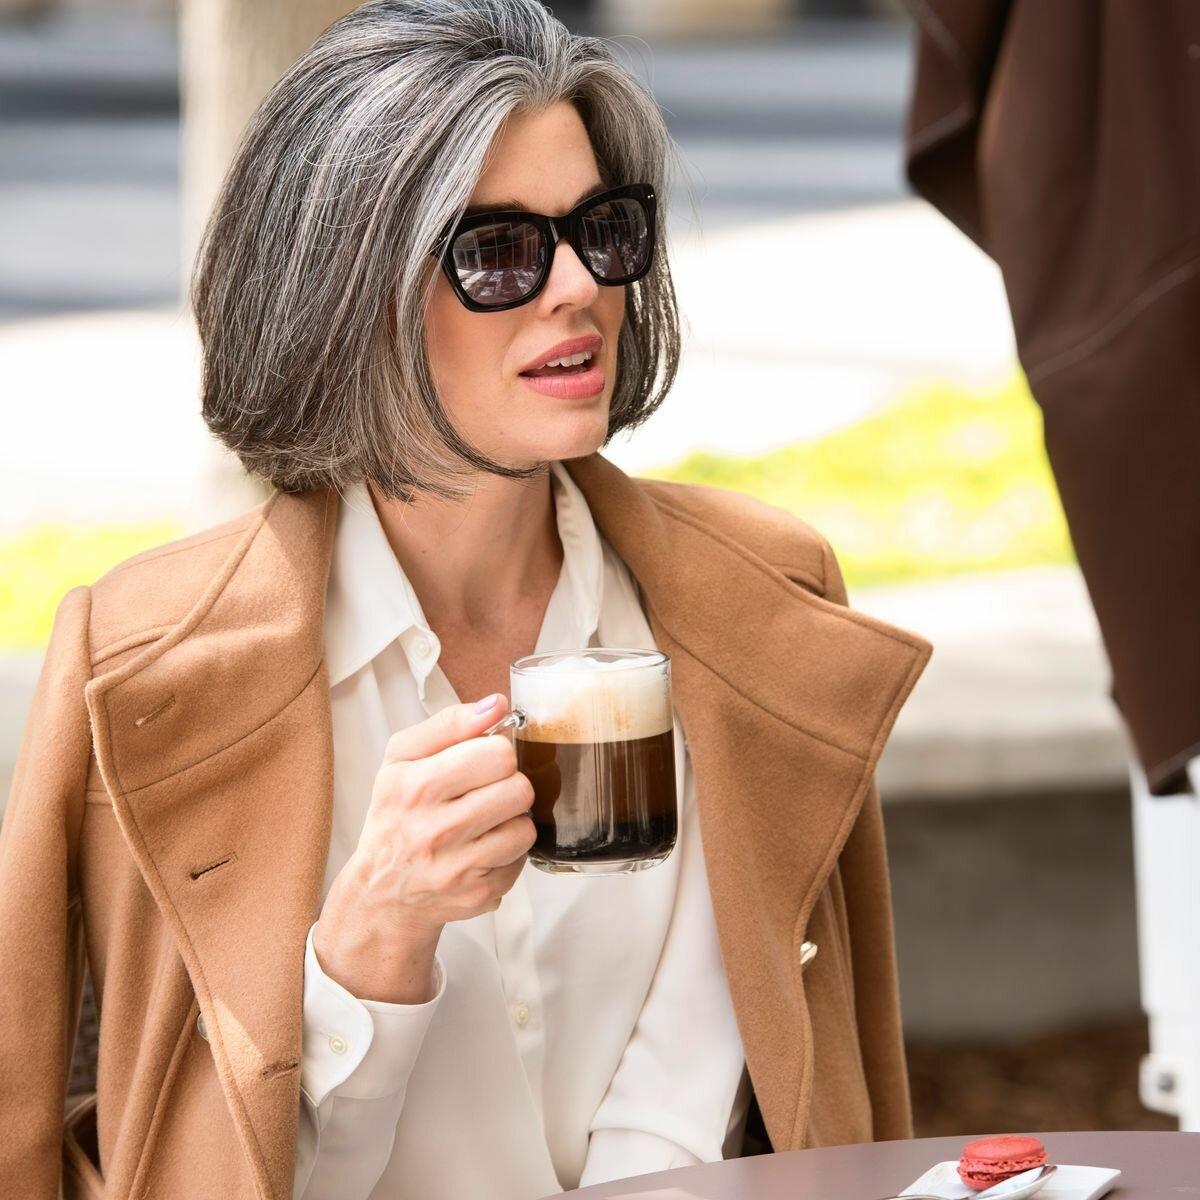 Самые модные стрижки этой зимы образы для женщин 50+ вариант, стоит, стрижки, более, стрижка, дамам, волосы, объем, может, прическа, женщин, больше, женщинам, создать, выполнении, причесок, возраста, поможет, отличный, специальных